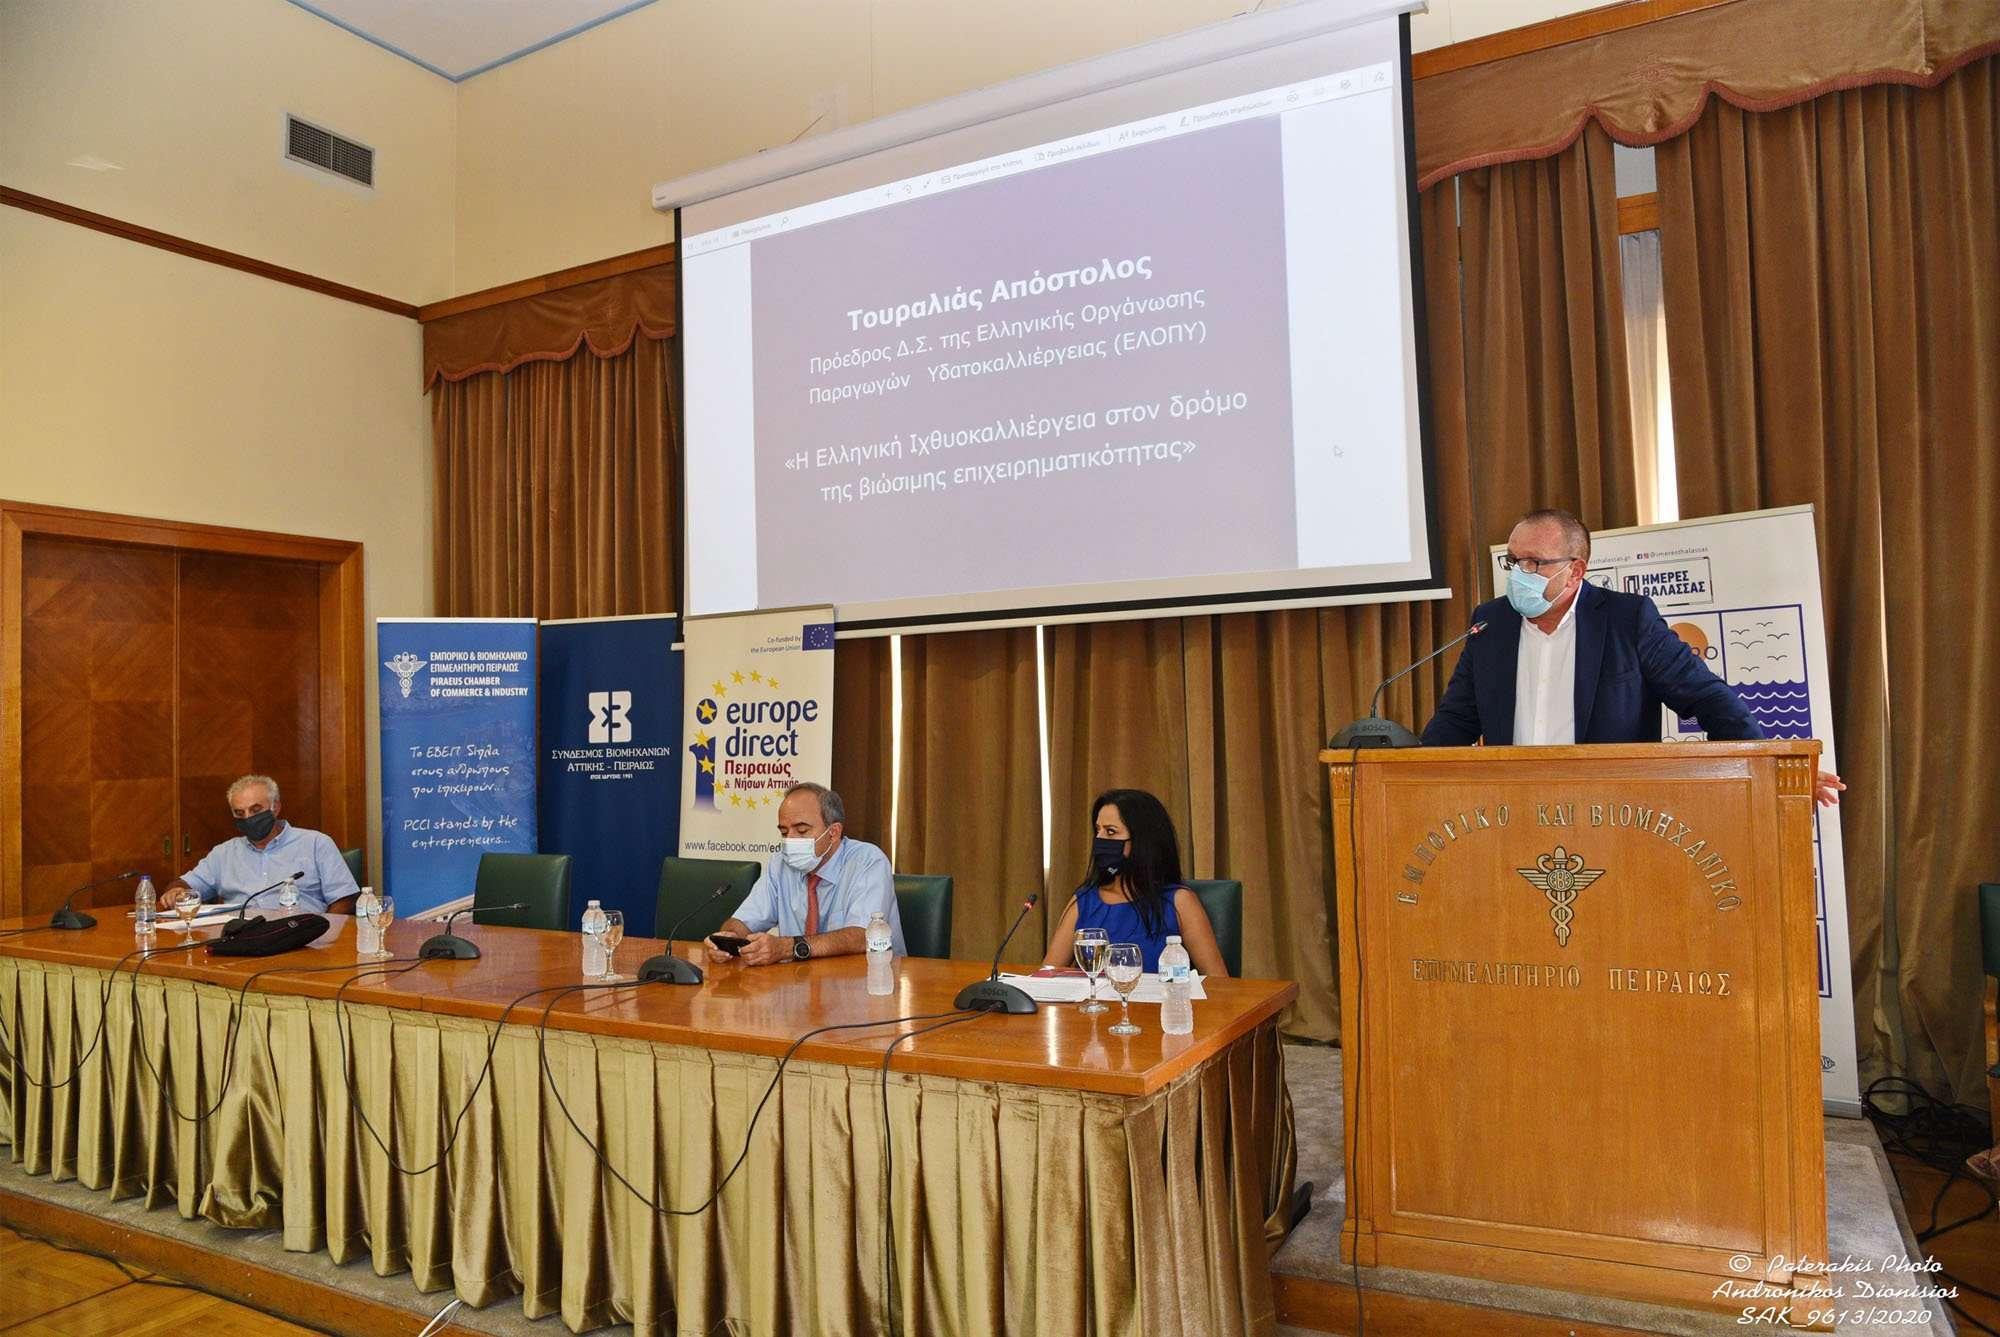 Η ΕΛΟΠΥ στο Συνέδριο με θέμα τη Θαλάσσια, Πράσινη και Κυκλική Επιχειρηματικότητα